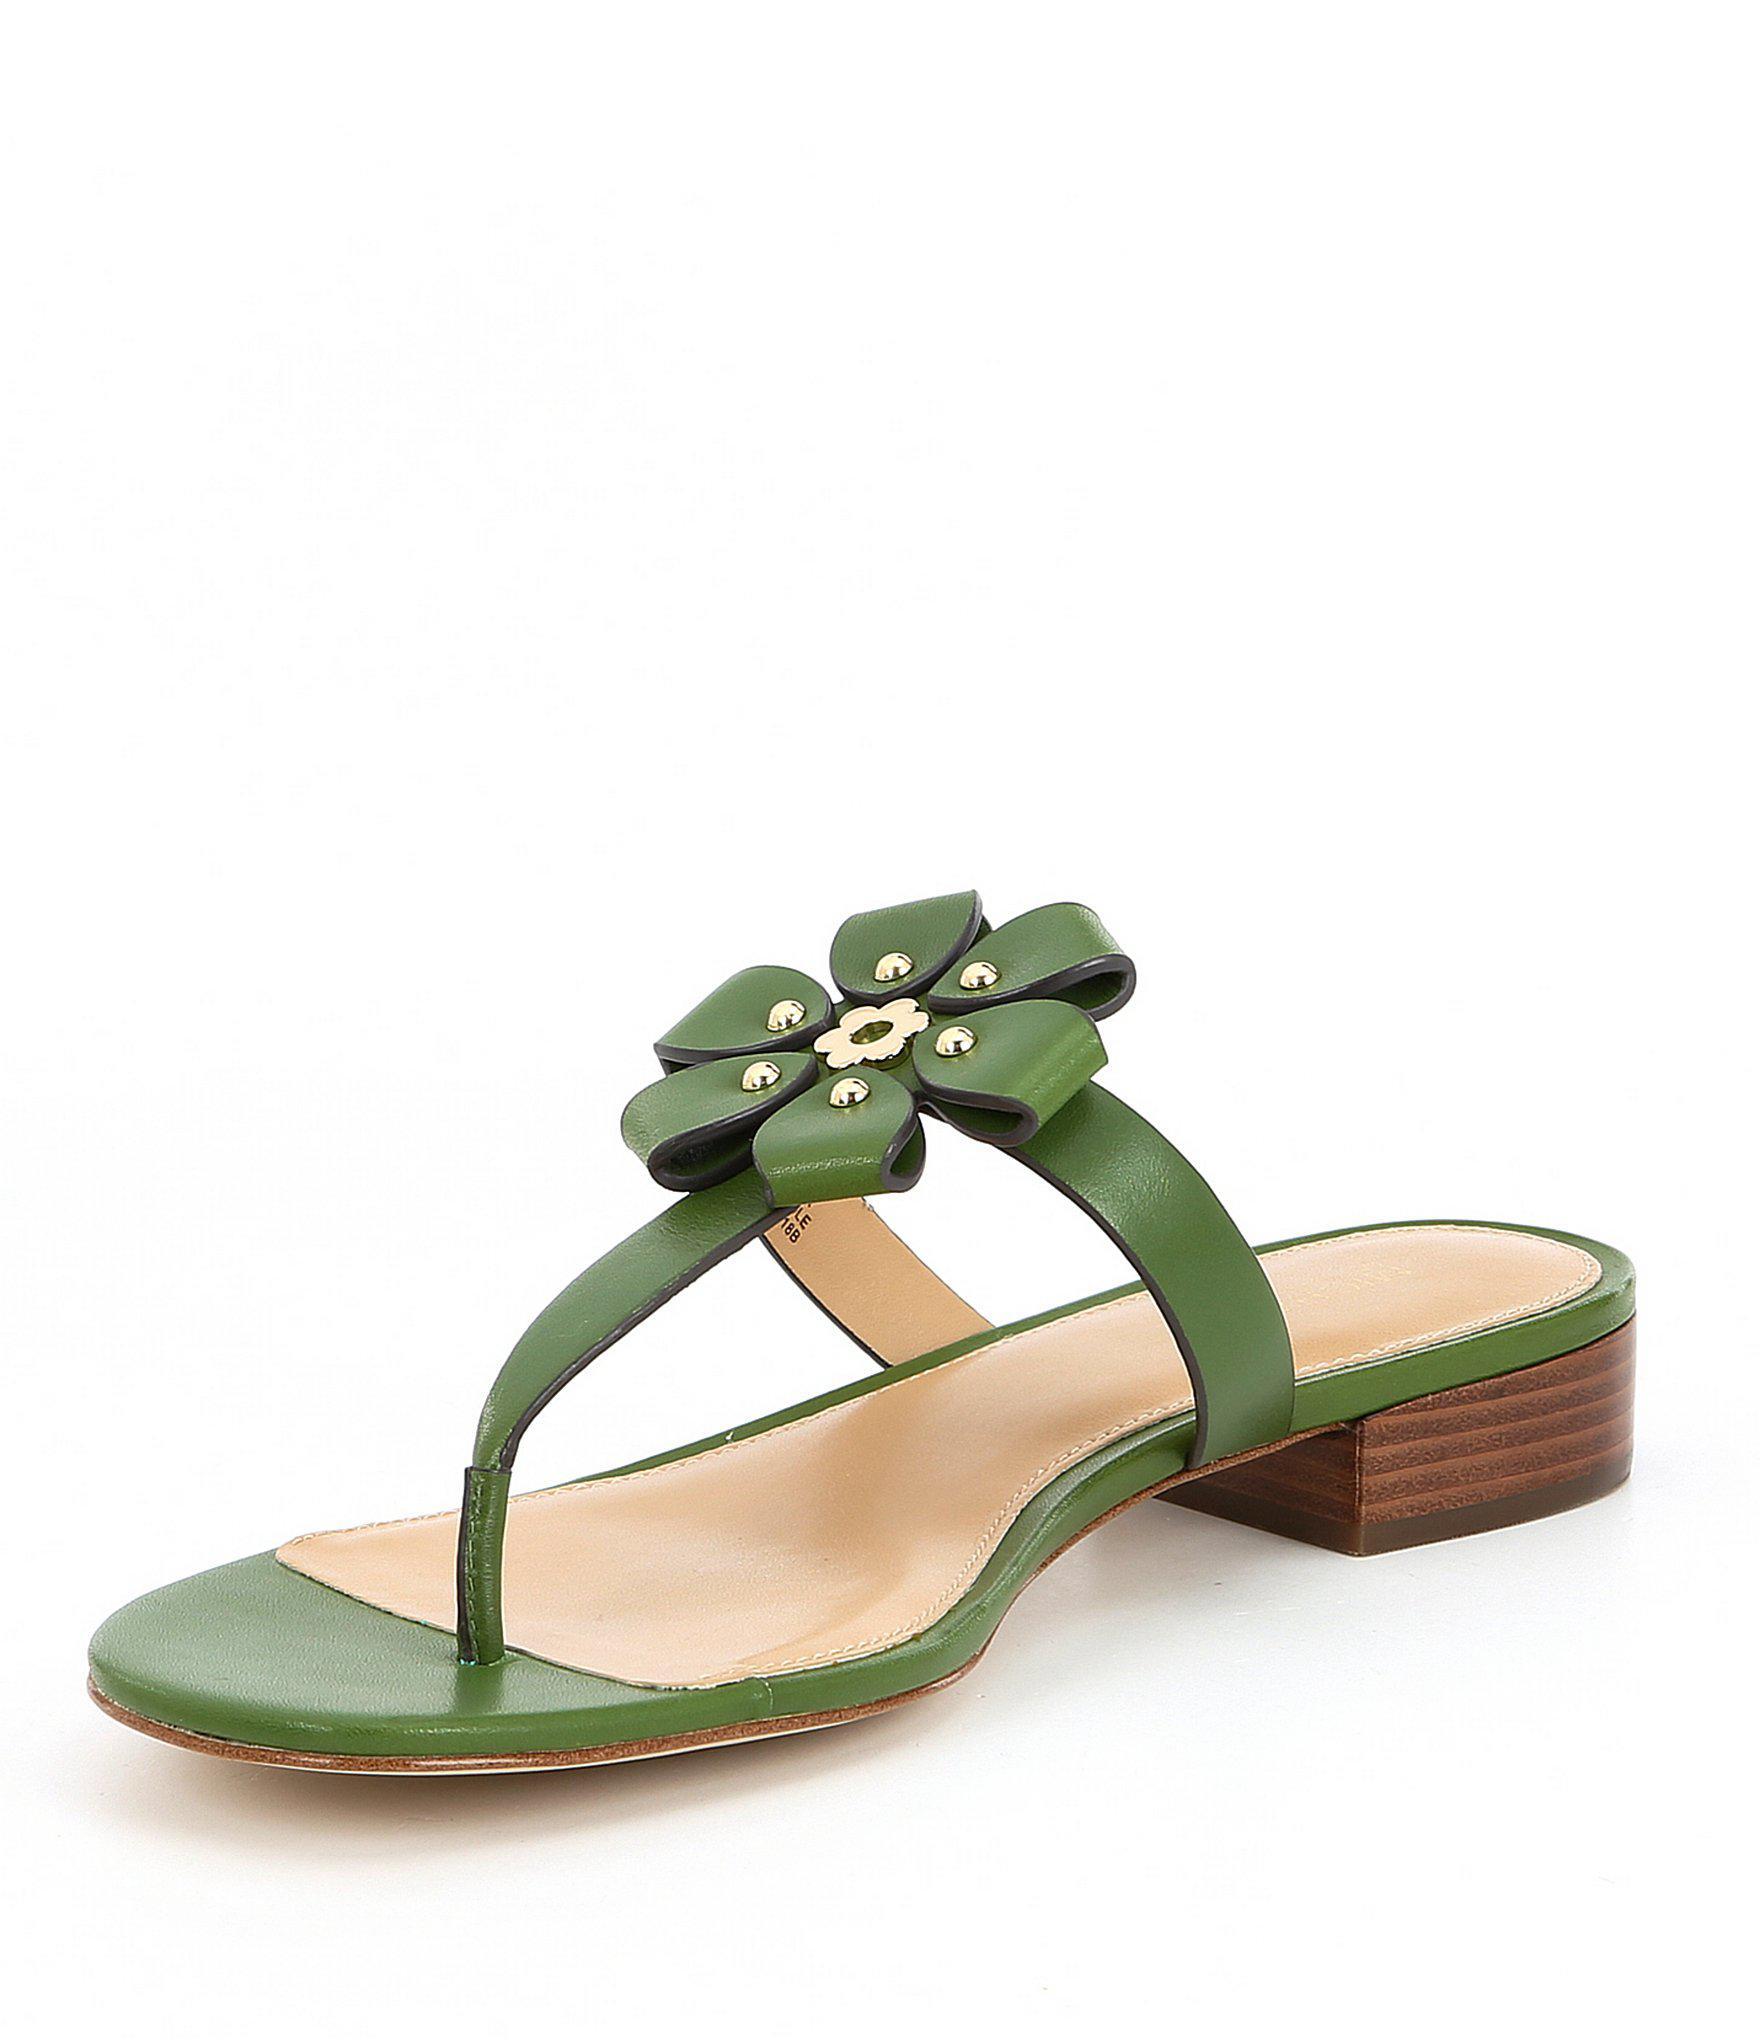 53fdc578ea7 Lyst - MICHAEL Michael Kors Tara Floral Applique Thong Sandals